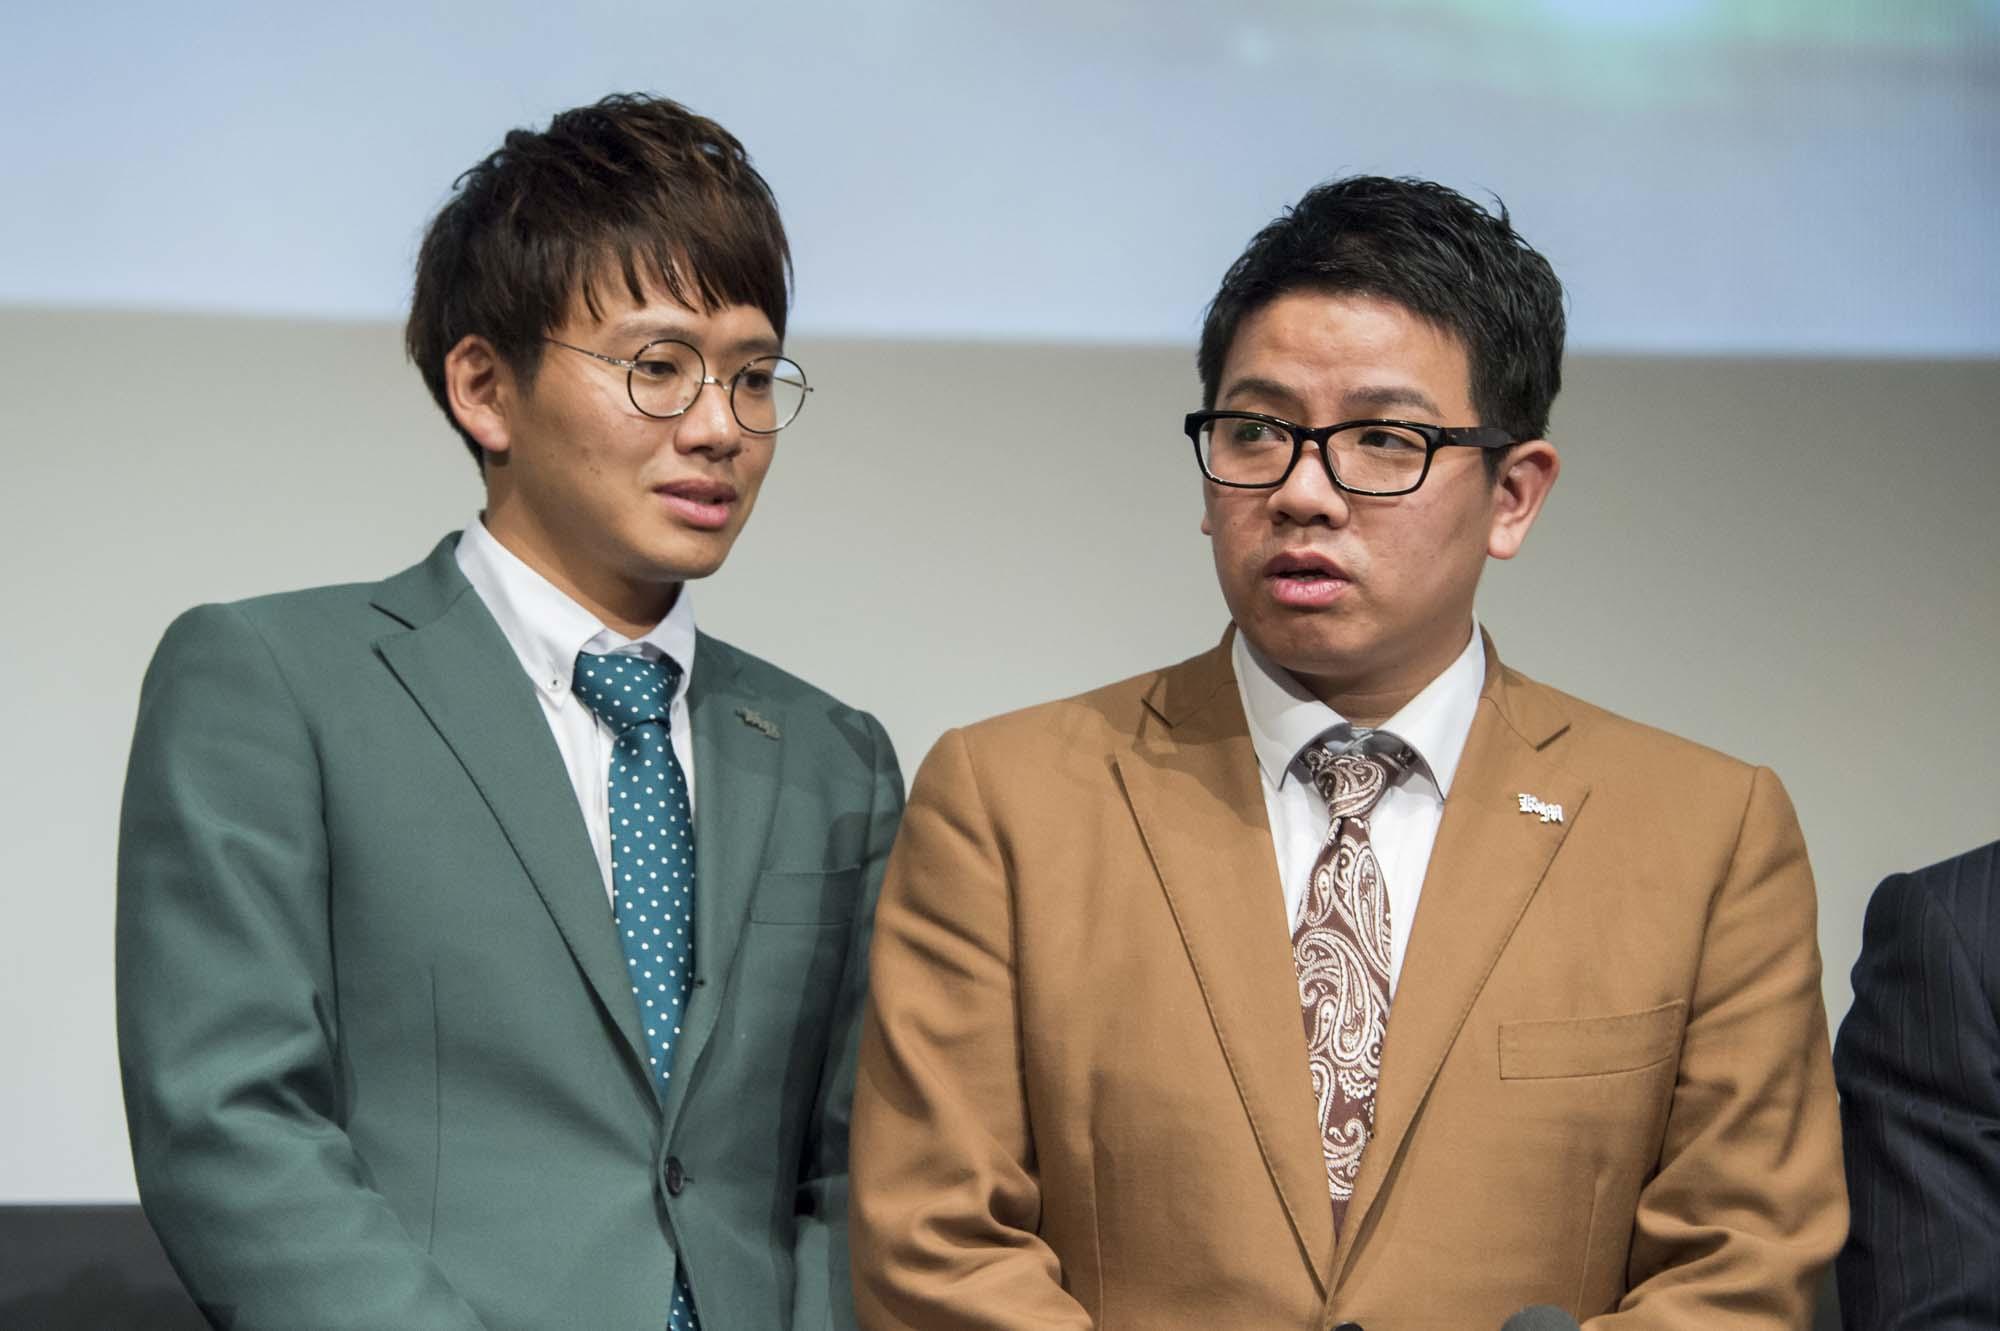 http://news.yoshimoto.co.jp/20171110142613-4a70c39a919fec9248bb5447ad732b5288f1f546.jpg